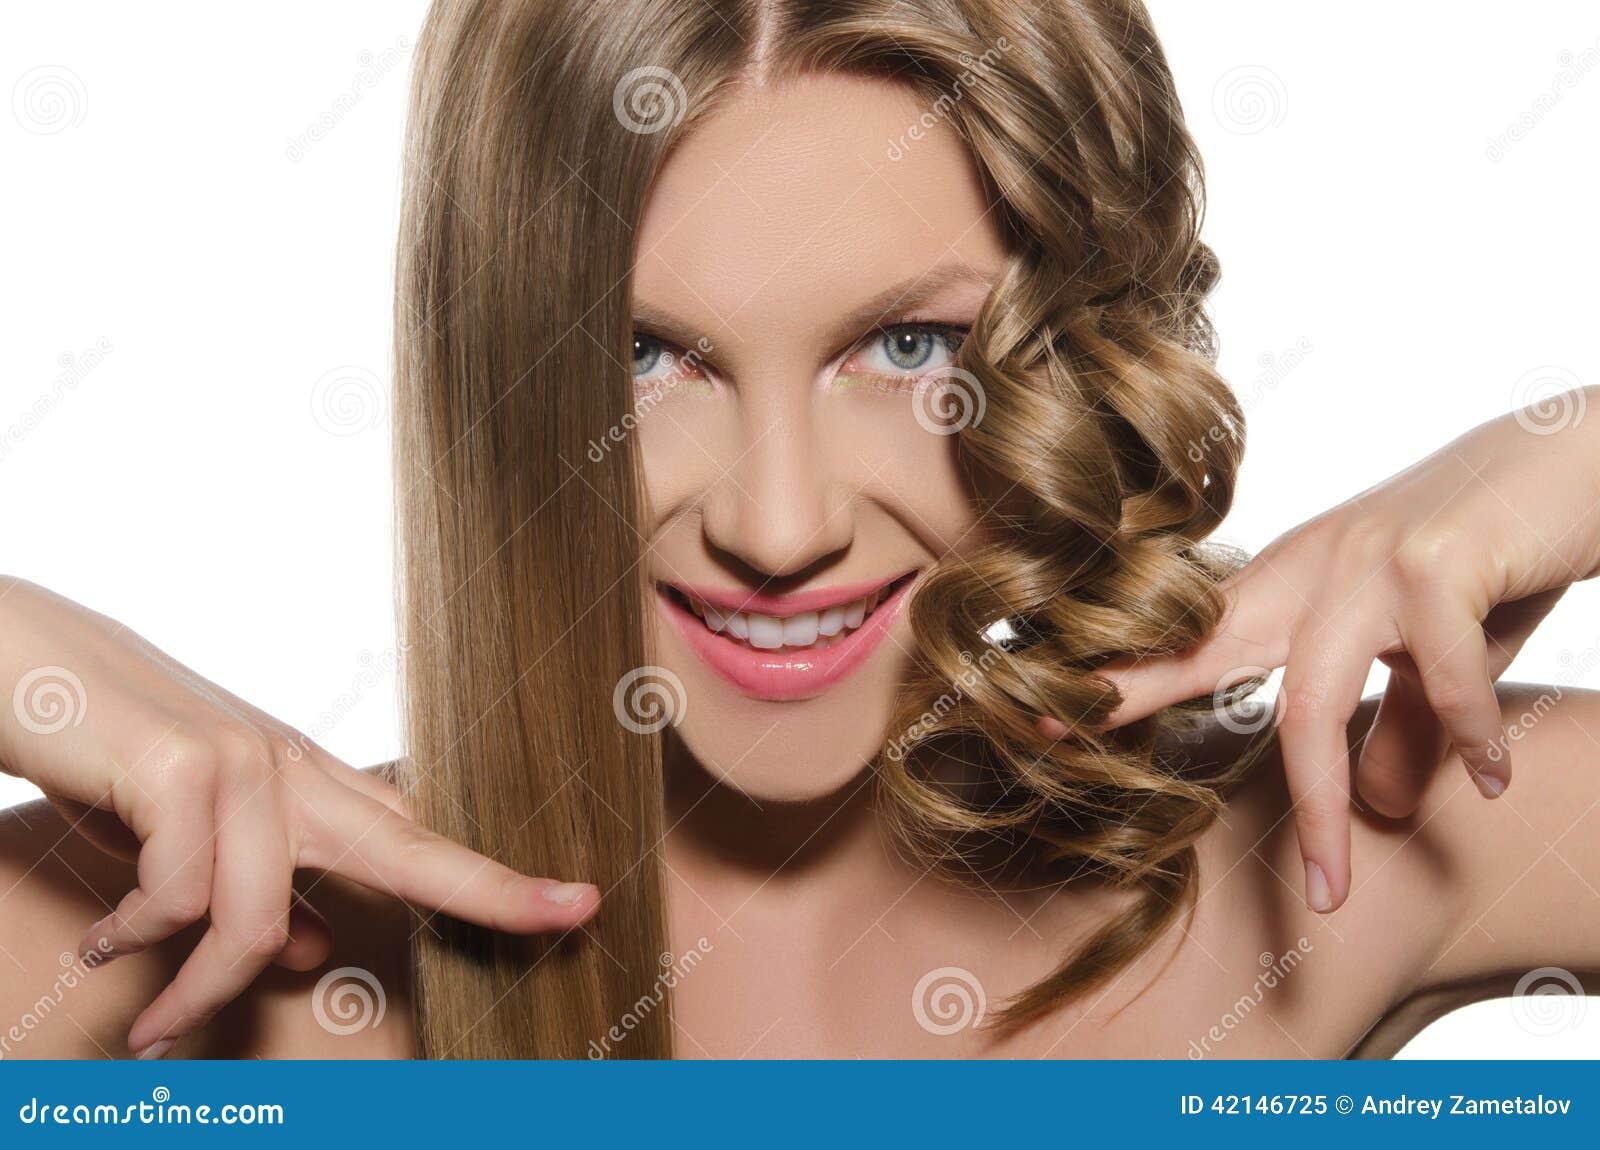 Уход за волосами если пользуешься утюжком